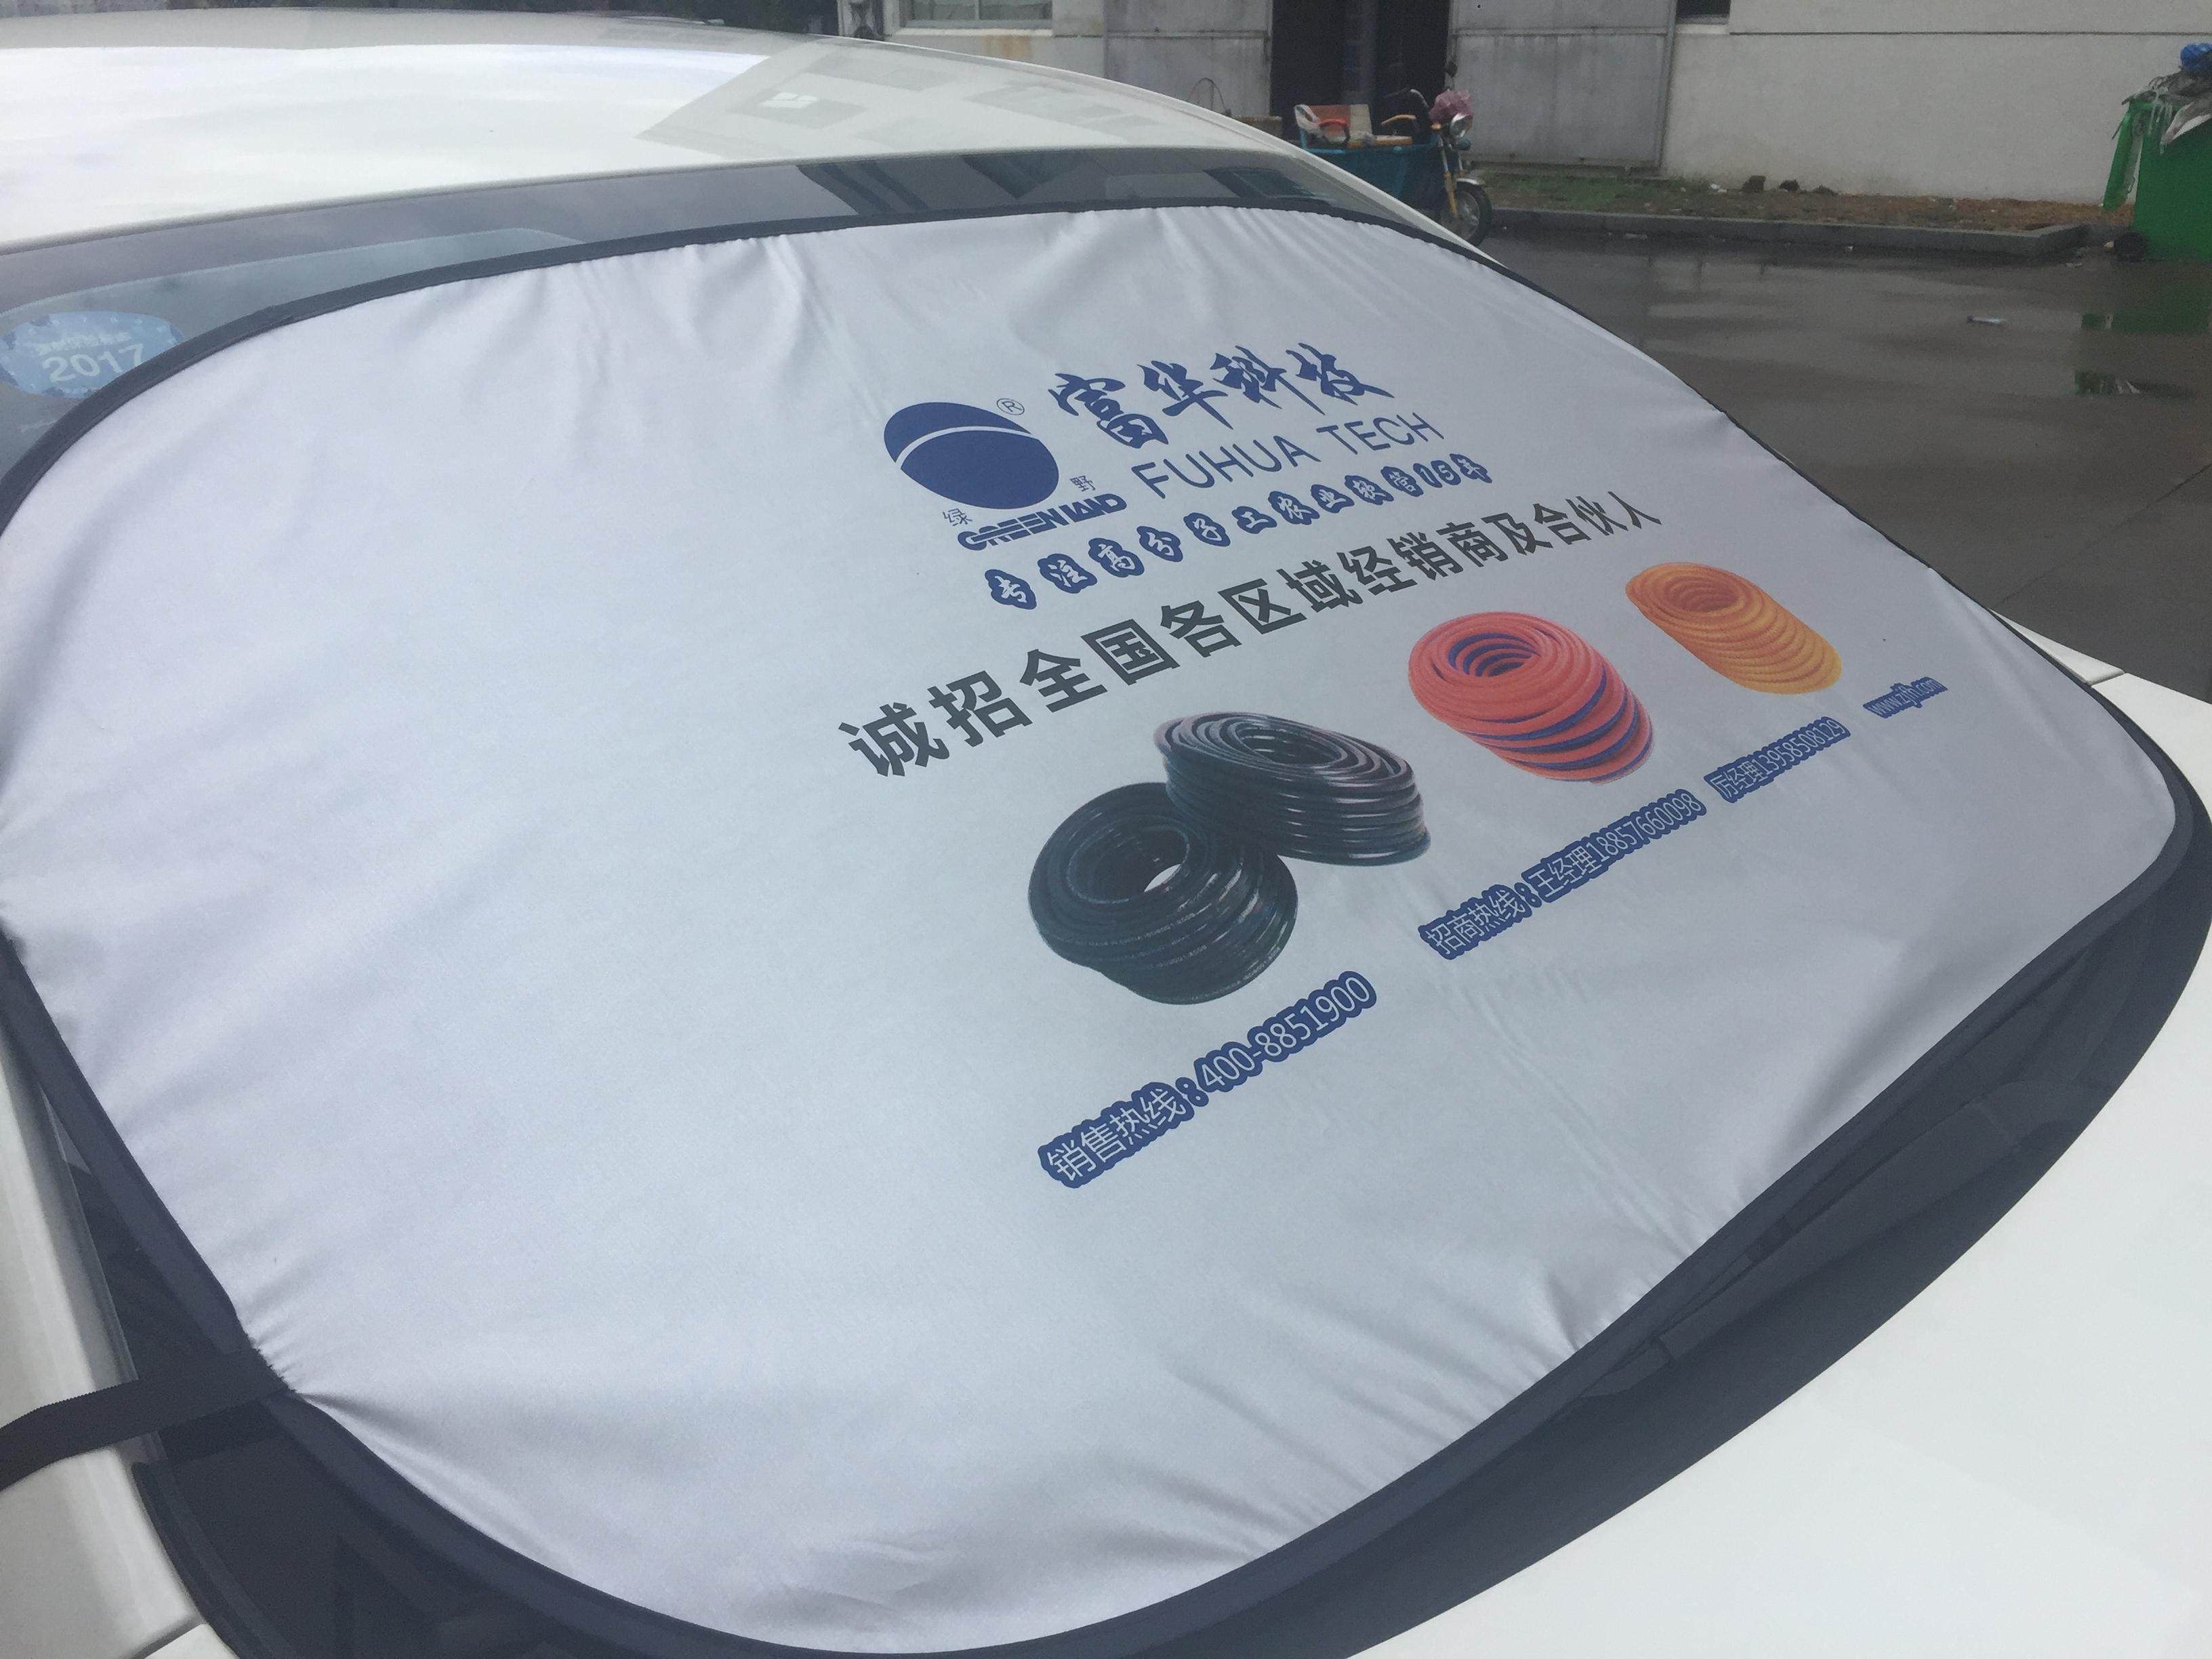 auto blokuje izolační blok na zakázku na před hledí na stínítku 印字 slunce z reklamy na logo